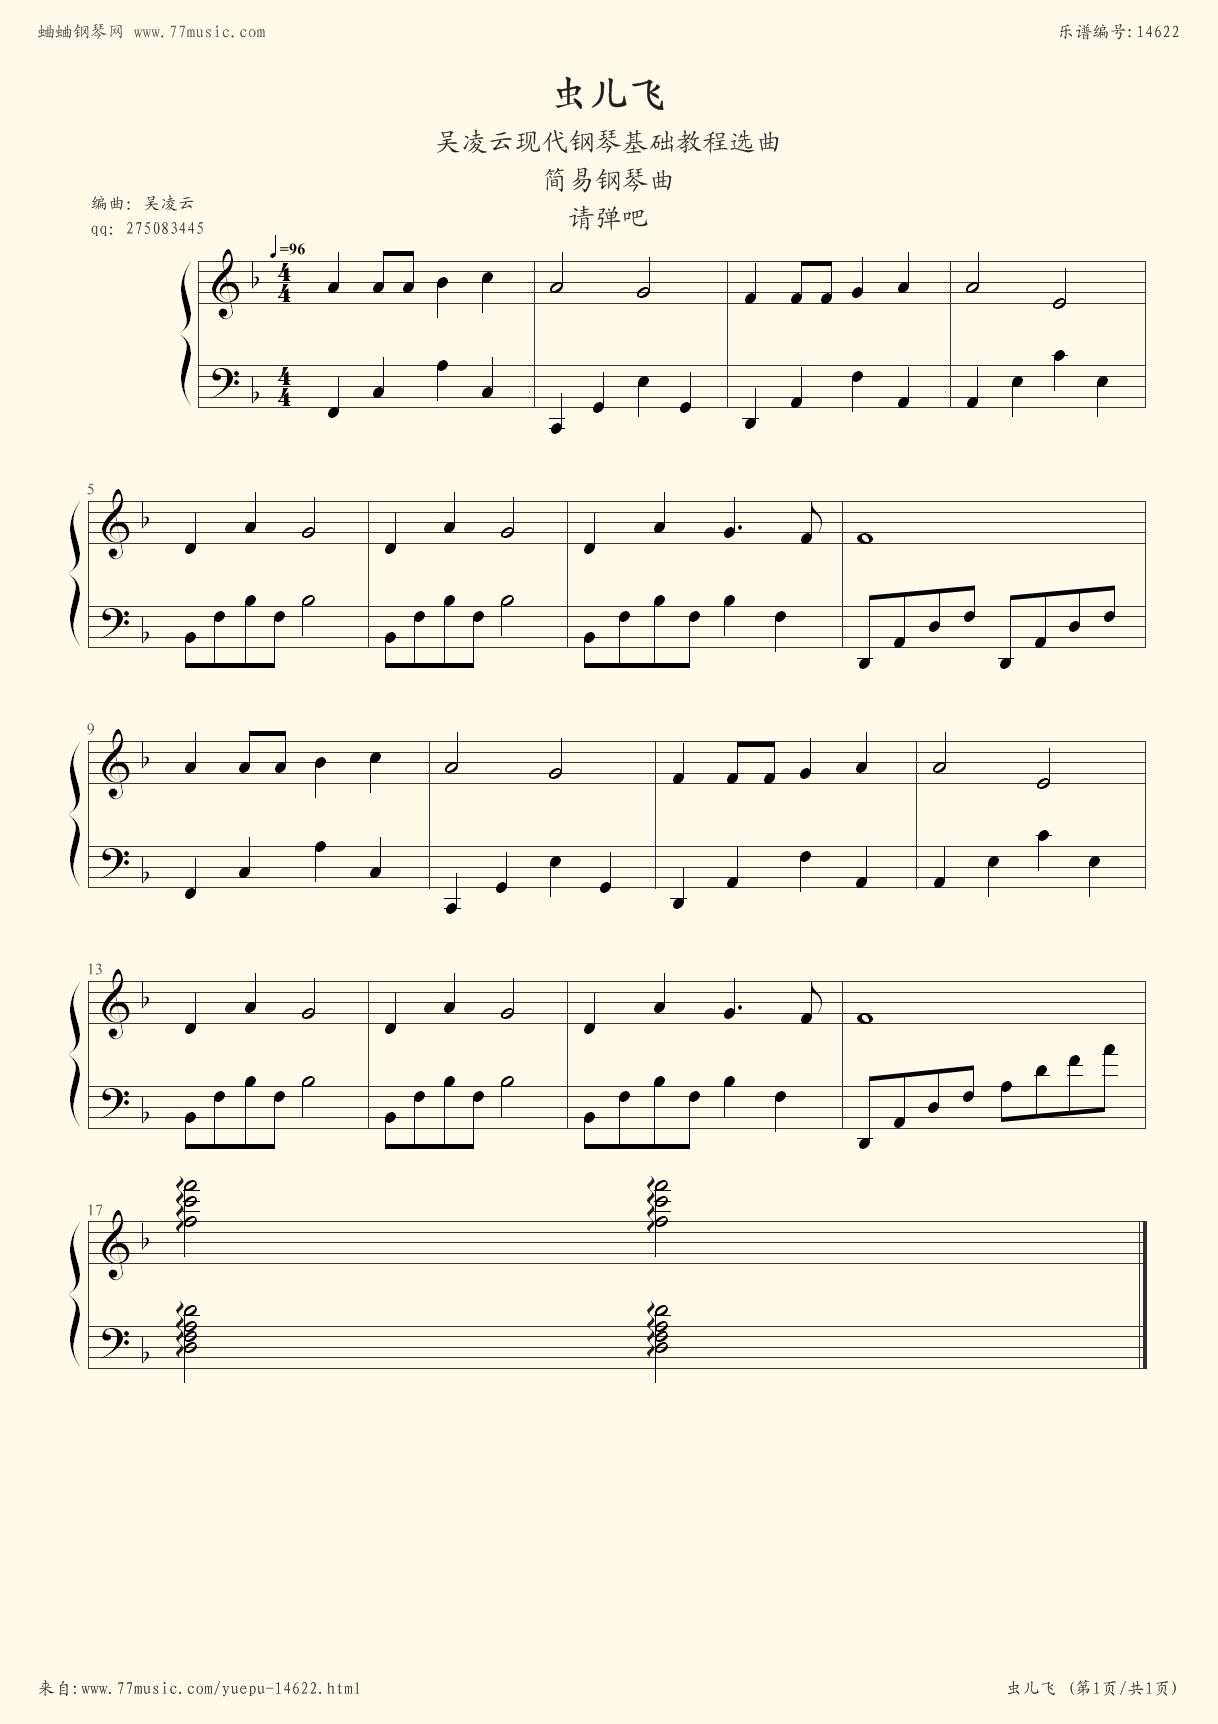 急需虫儿飞钢琴谱,伴奏简单点的那种